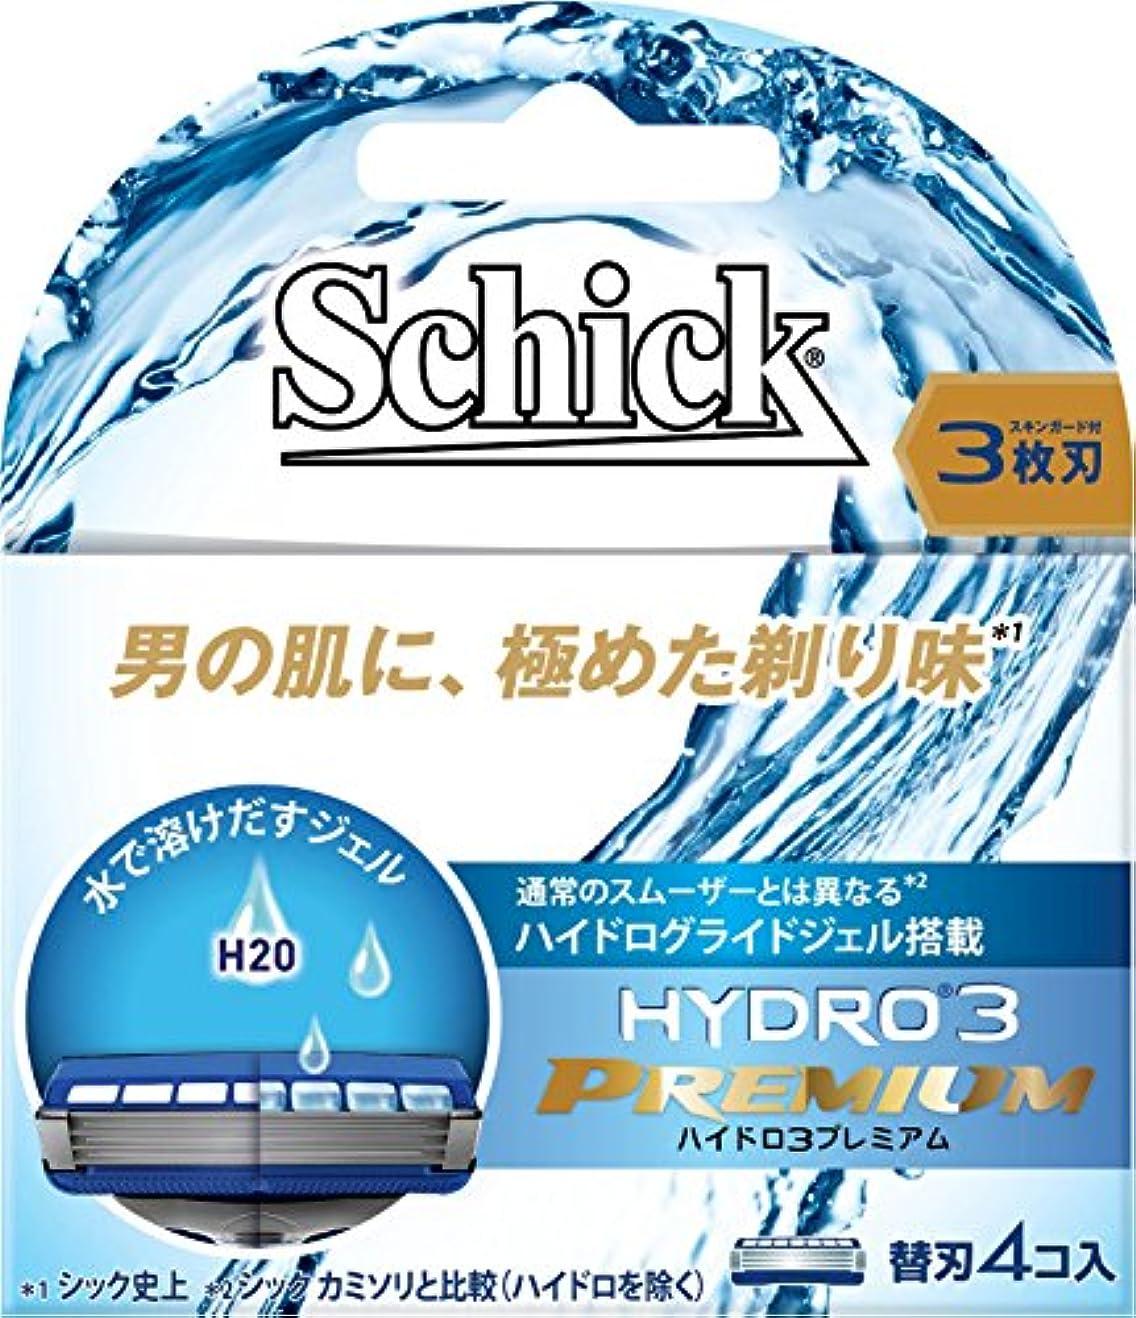 入植者旋律的方言シック Schick 3枚刃 ハイドロ3プレミアム 替刃 (4コ入)